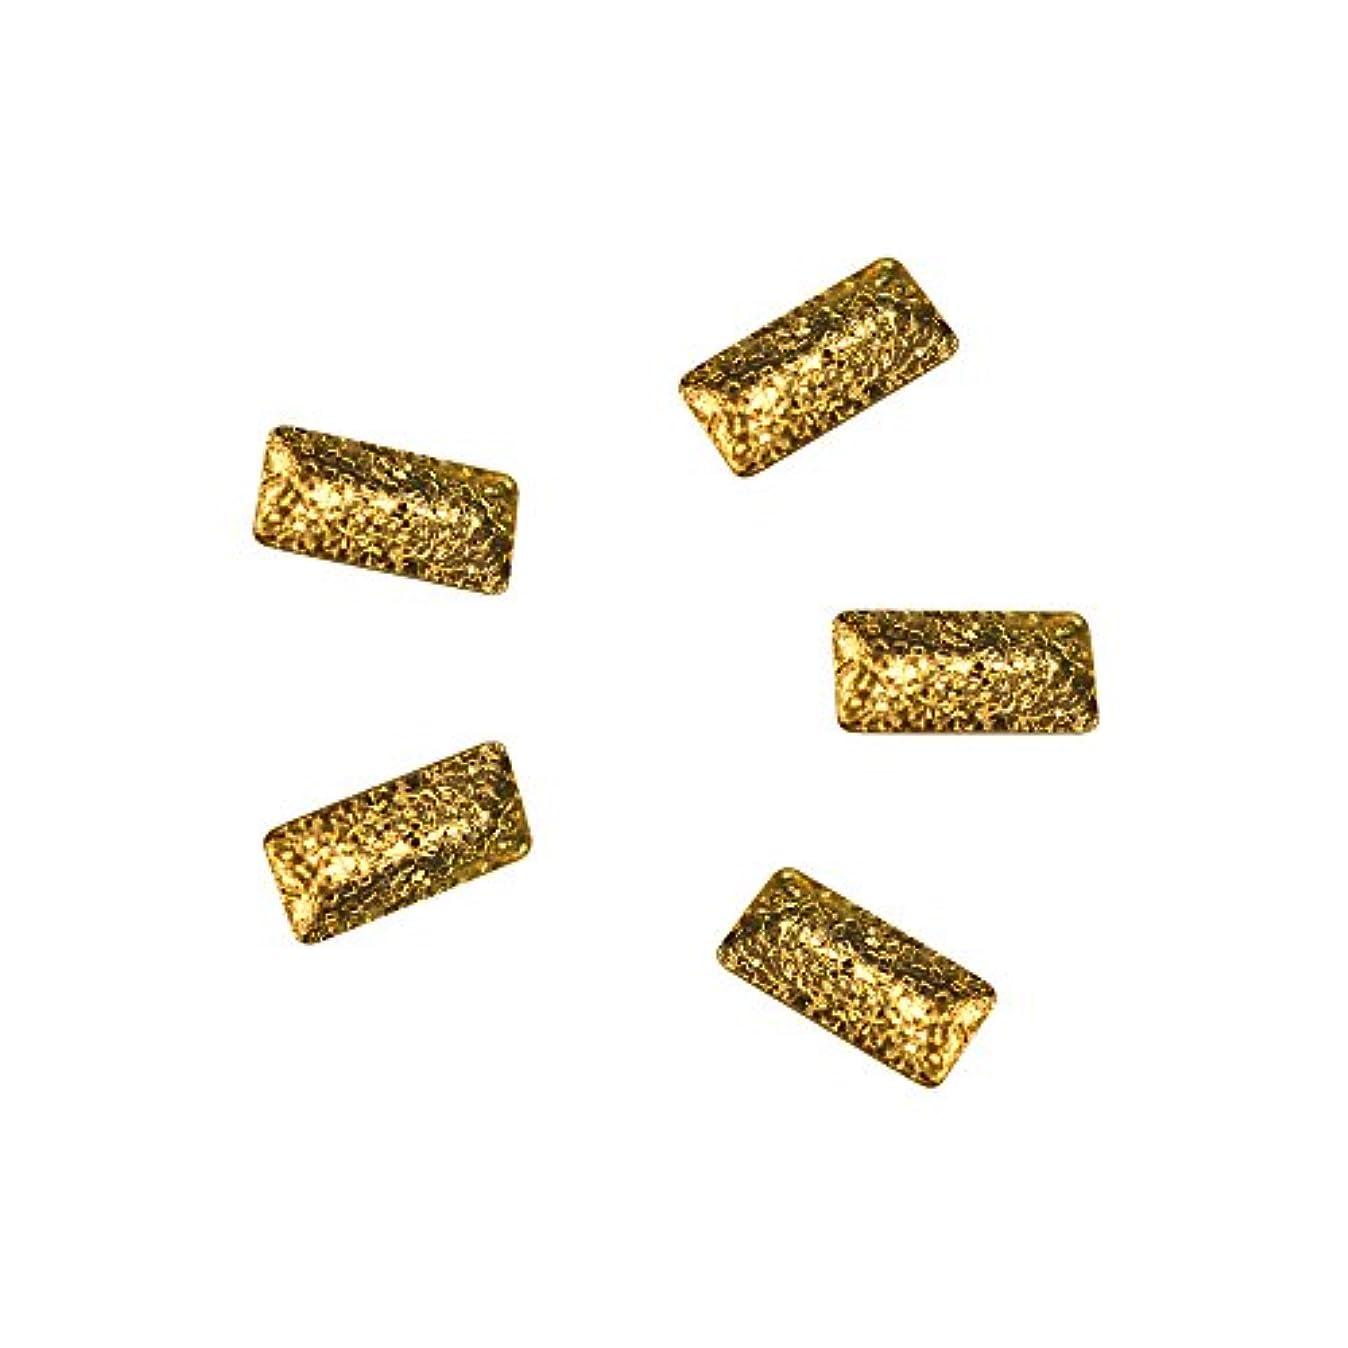 強打アプト宗教Bonnail ラフスタッズゴールド レクタングル 3×1.2mm 30P